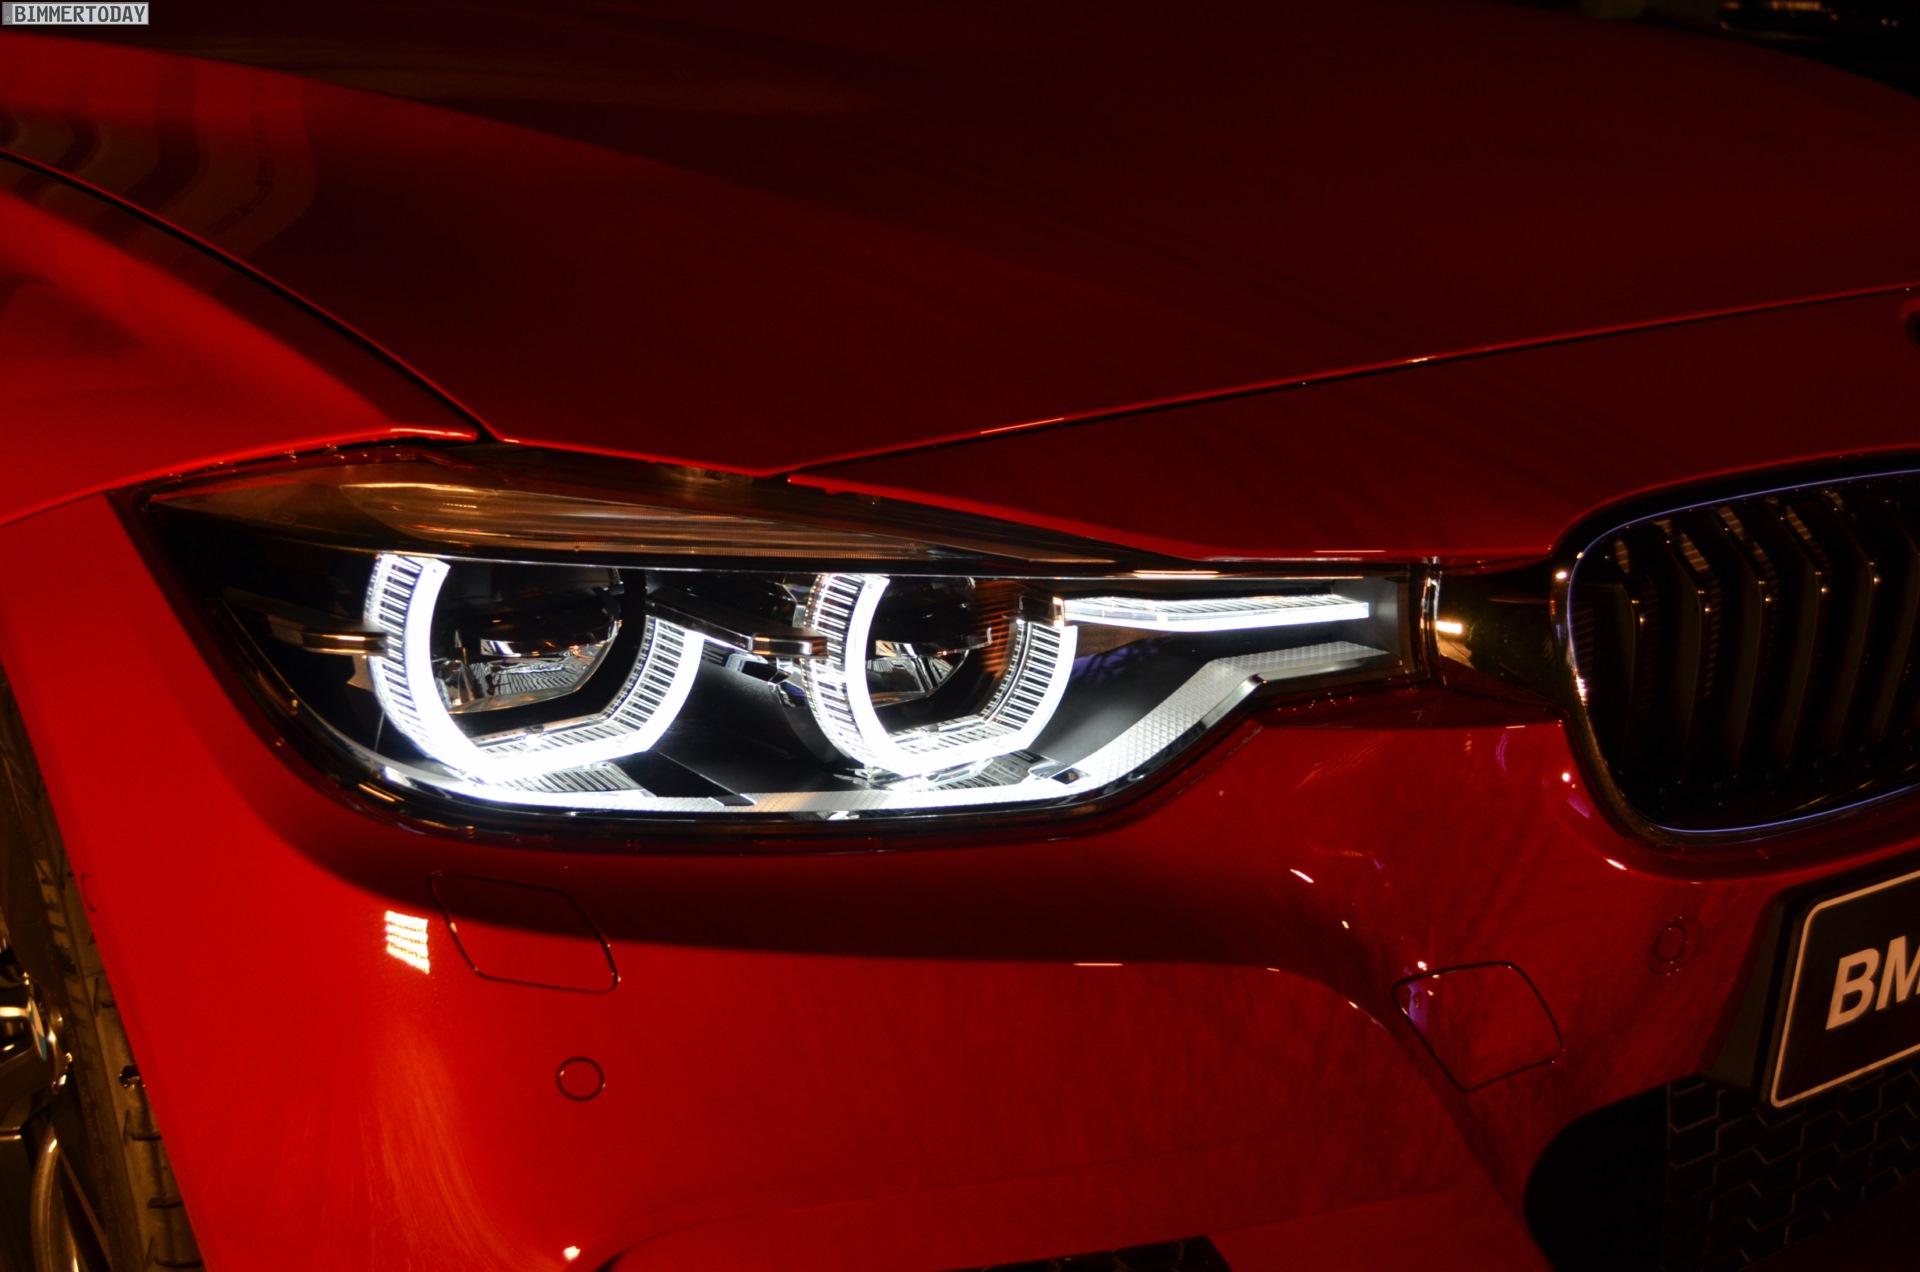 Bmw 3er Facelift 2015 Licht Und Nacht Design F30 F31 Lci